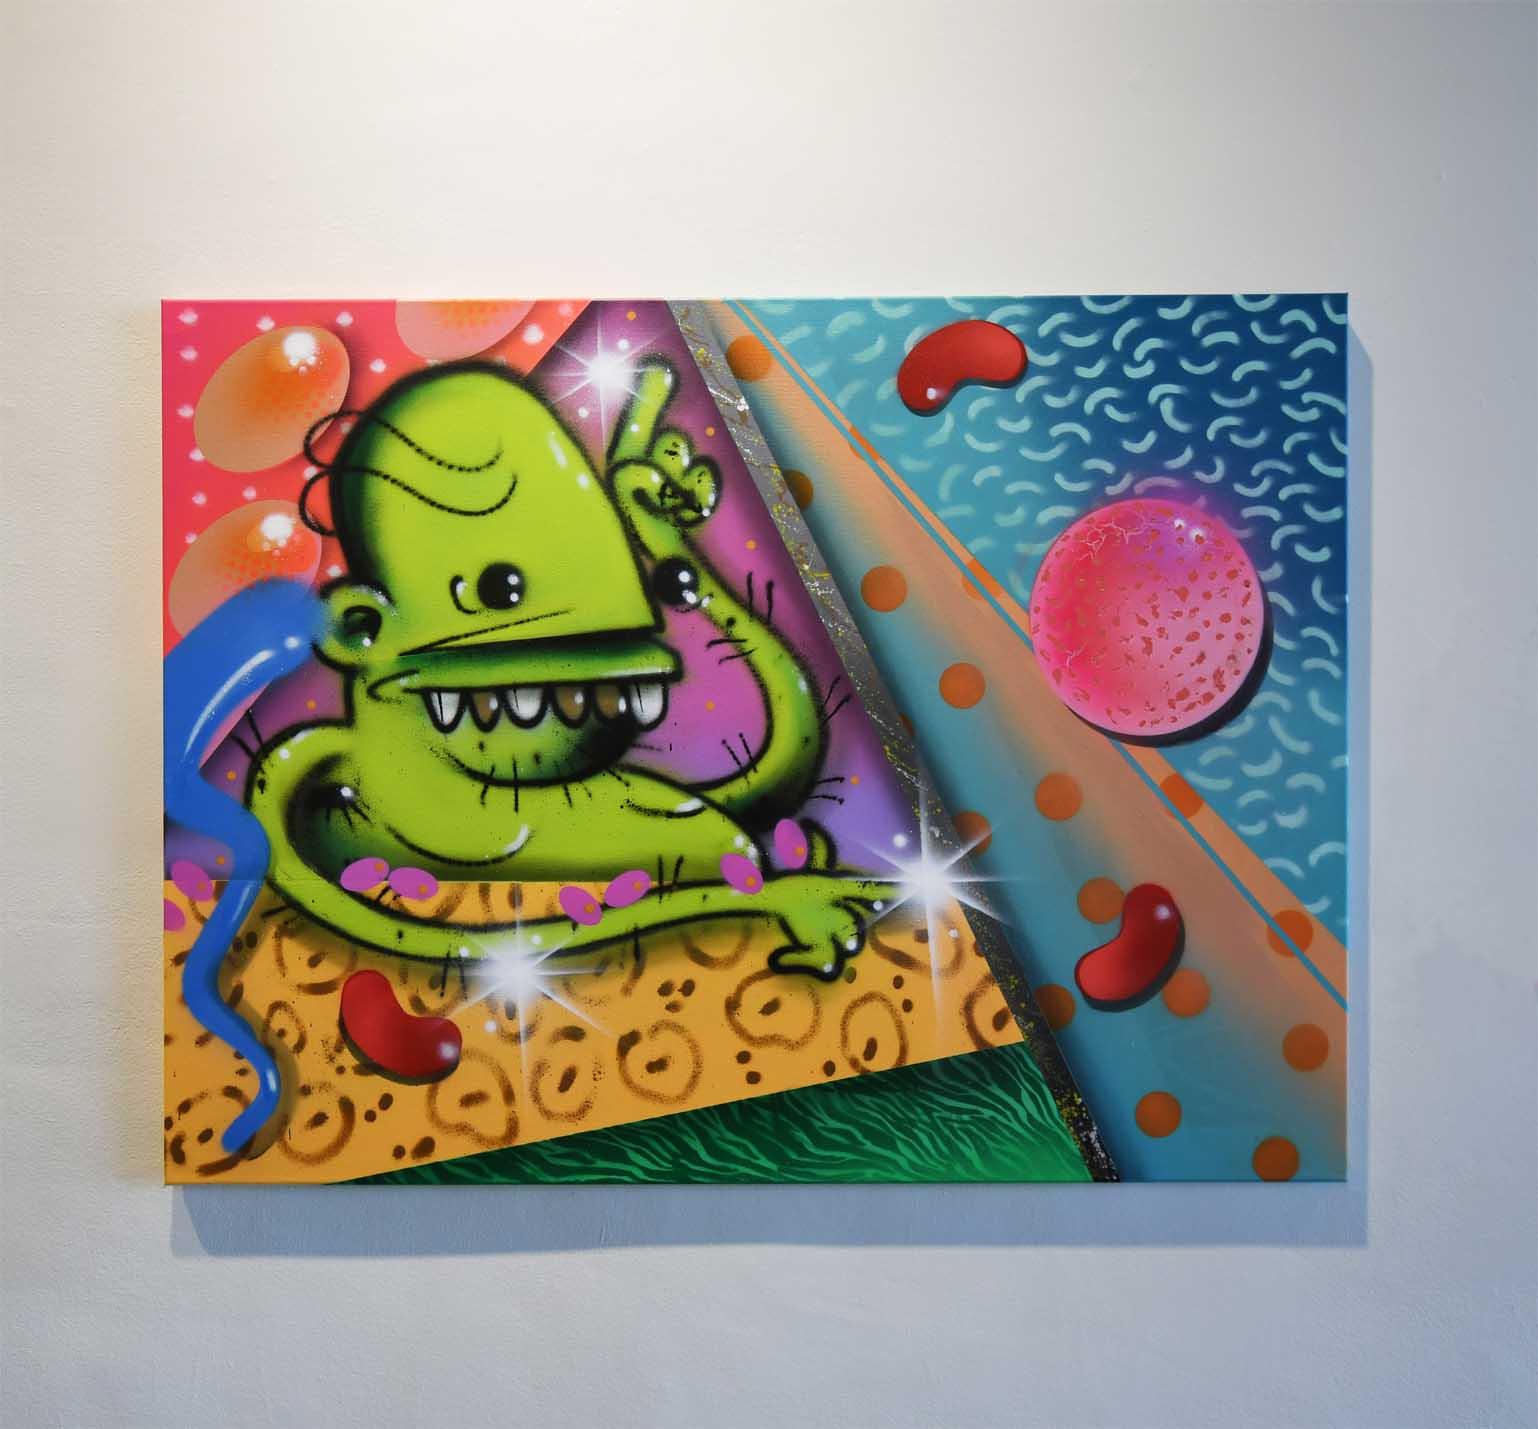 ewkuks artsy goopmassta G12 stuck in the 90's web.jpg